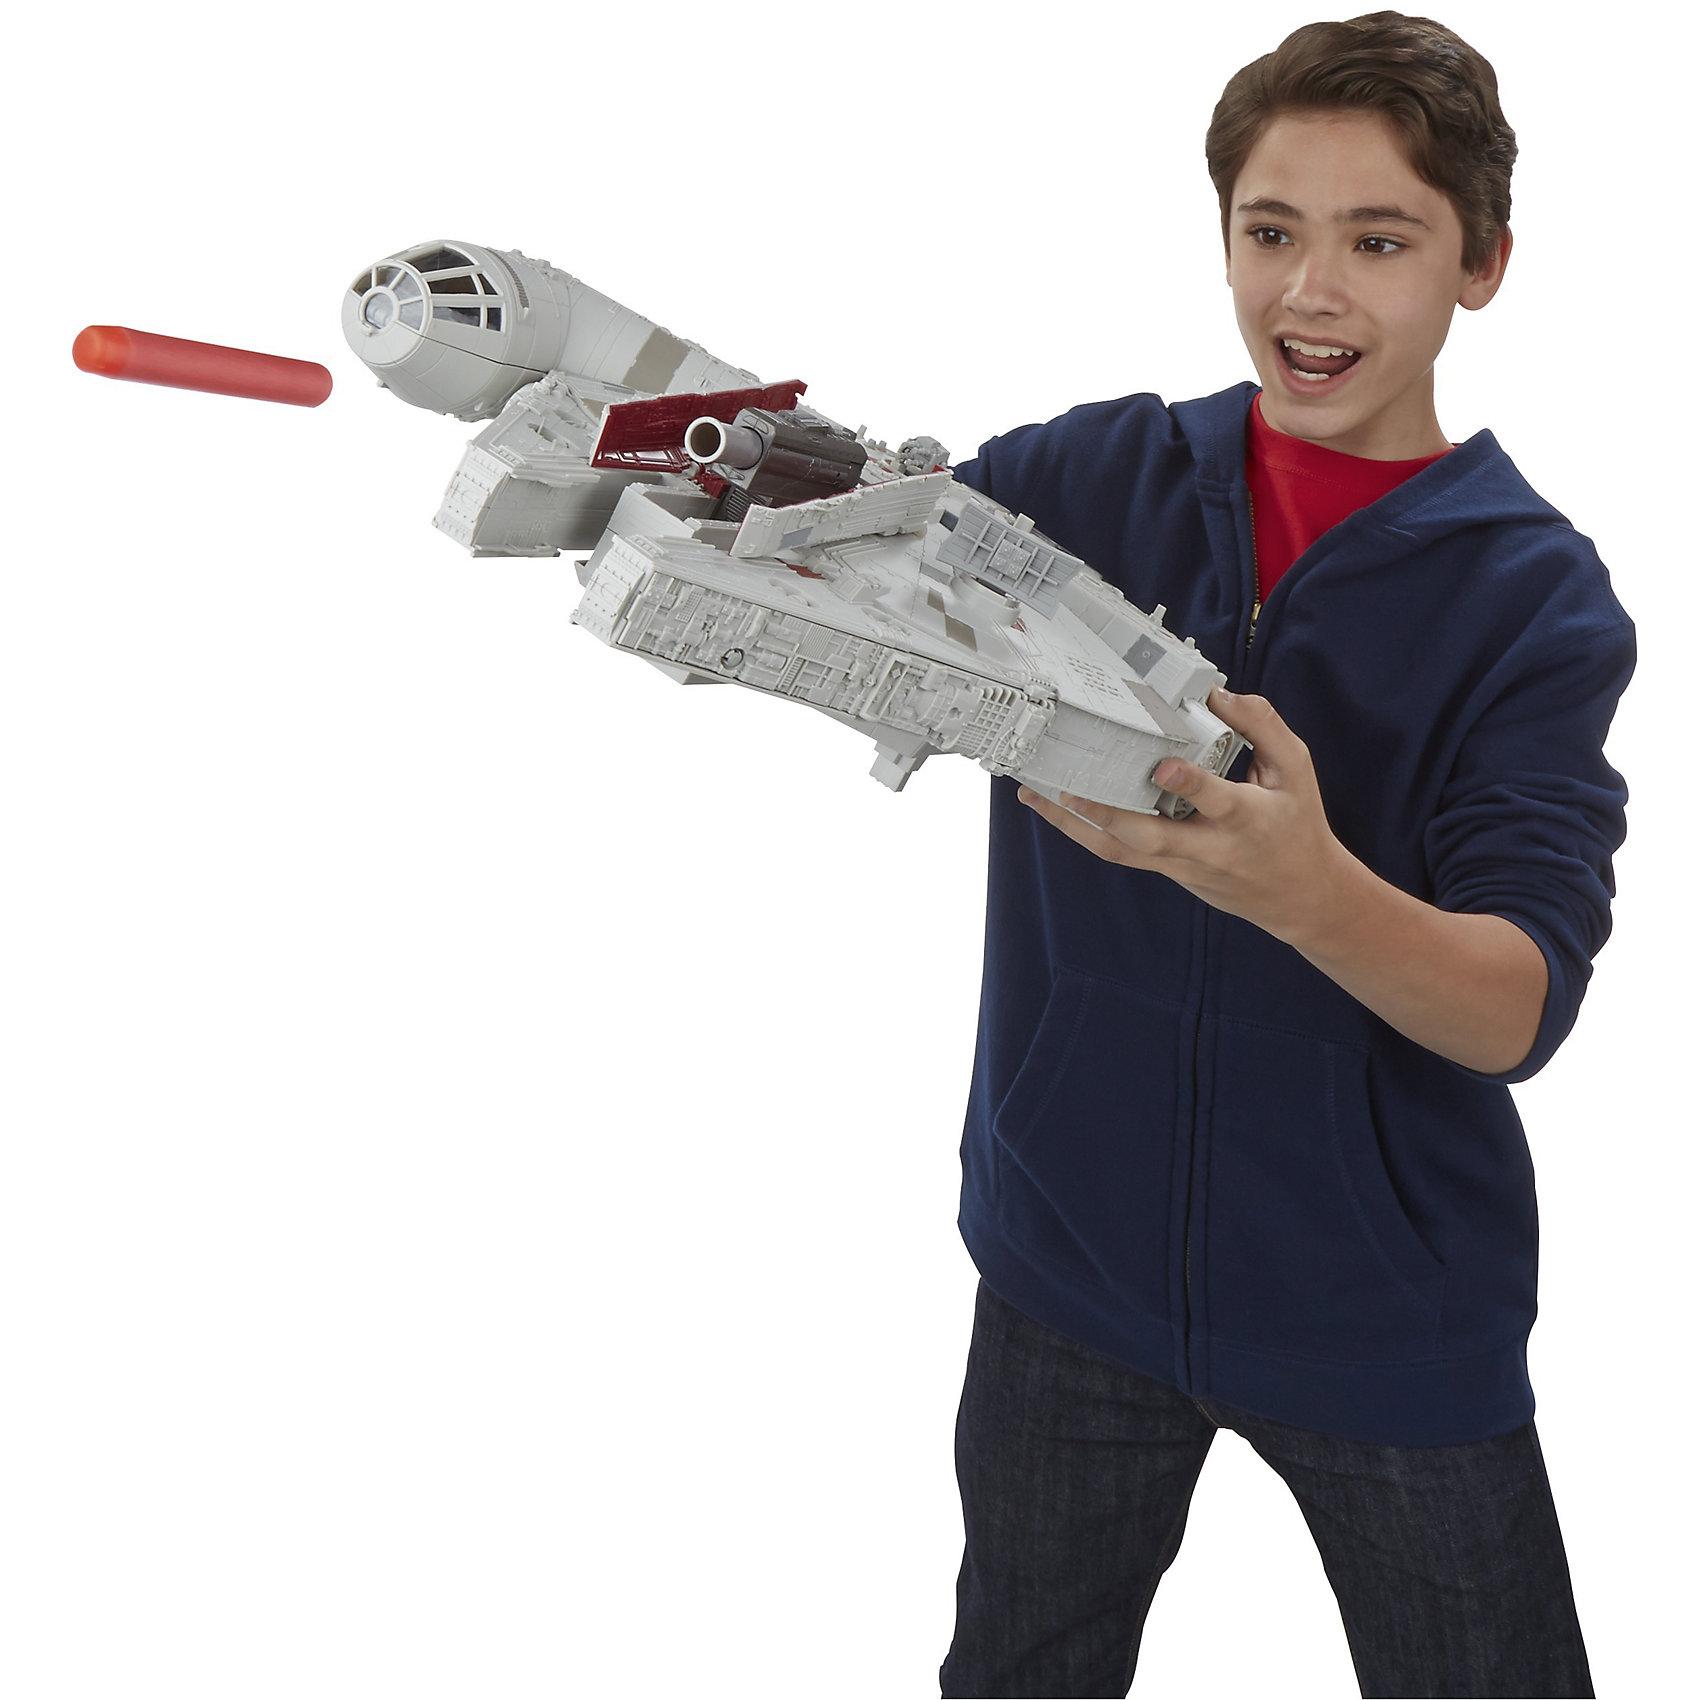 Флагманский космический корабль,  9,5 см, Звездные войныКоллекционные и игровые фигурки<br>Флагманский космический корабль,  9,5 см, Звездные войны – это интересная и функциональная игрушка из серии Звездные Войны от бренда Hasbro.<br>Флагманский космический корабль, легендарный «Тысячелетний сокол» – это потрясающая игрушка от Хасбро. Он в точности повторяет внешний вид корабля в той модификации, в которой мы увидим его в новом эпизоде «Звёздных войн». Межгалактический грузовик имеет специальные места, где можно поместить фигурки героев, а также несколько открывающихся отсеков, внутри которых находятся детально проработанные внутренние помещения корабля. Он оборудован пусковой установкой, стреляет стандартными стрелами NERF, имеет световые и звуковые эффекты. Кроме того, в набор входит три замечательные фигурки героев седьмого эпизода «Пробуждение силы» - Финна, вуки Чубакки и маленького сферического дроида ВВ-8. Фигурки и корабль имеют высочайший уровень детализации. С этим набором ваш ребенок воссоздаст эпические битвы из фильма «Звездные Войны: Пробуждение силы».<br><br>Дополнительная информация:<br><br>- В комплекте: корабль, 3 фигурки героев Звездных войн, 3 аксессуара, 2 стрелы Nerf<br>- Размер фигурок: 9,5 см.<br>- Батарейки: 2 типа АА (в комплект не входят)<br>- Материал: пластмасса<br>- Размер упаковки: 13,3 x 55,9 x 42,2 см.<br>- Вес: 1,95 кг.<br><br>Флагманский космический корабль,  9,5 см, Звездные войны (Star Wars) можно купить в нашем интернет-магазине.<br><br>Ширина мм: 565<br>Глубина мм: 426<br>Высота мм: 143<br>Вес г: 2508<br>Возраст от месяцев: 48<br>Возраст до месяцев: 120<br>Пол: Мужской<br>Возраст: Детский<br>SKU: 4079556